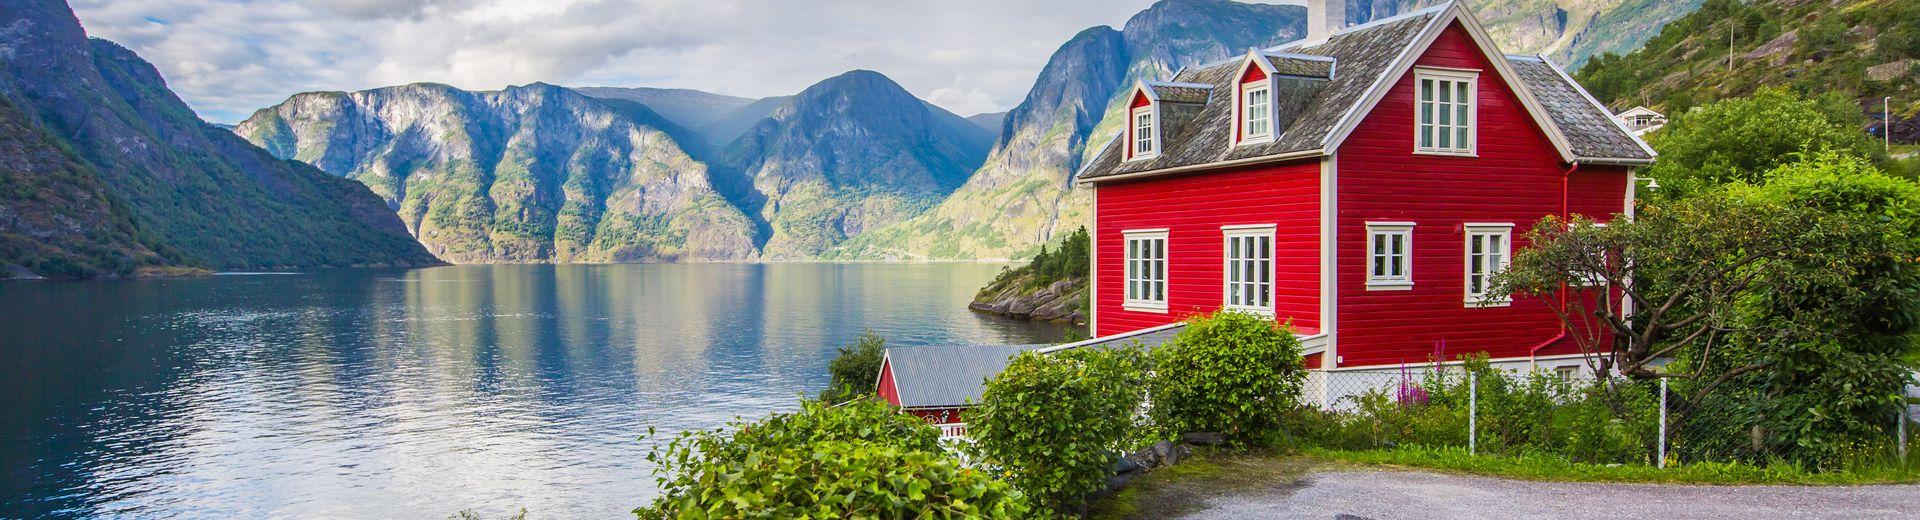 AIDAsol: Traumreise zu Norwegens Fjorden